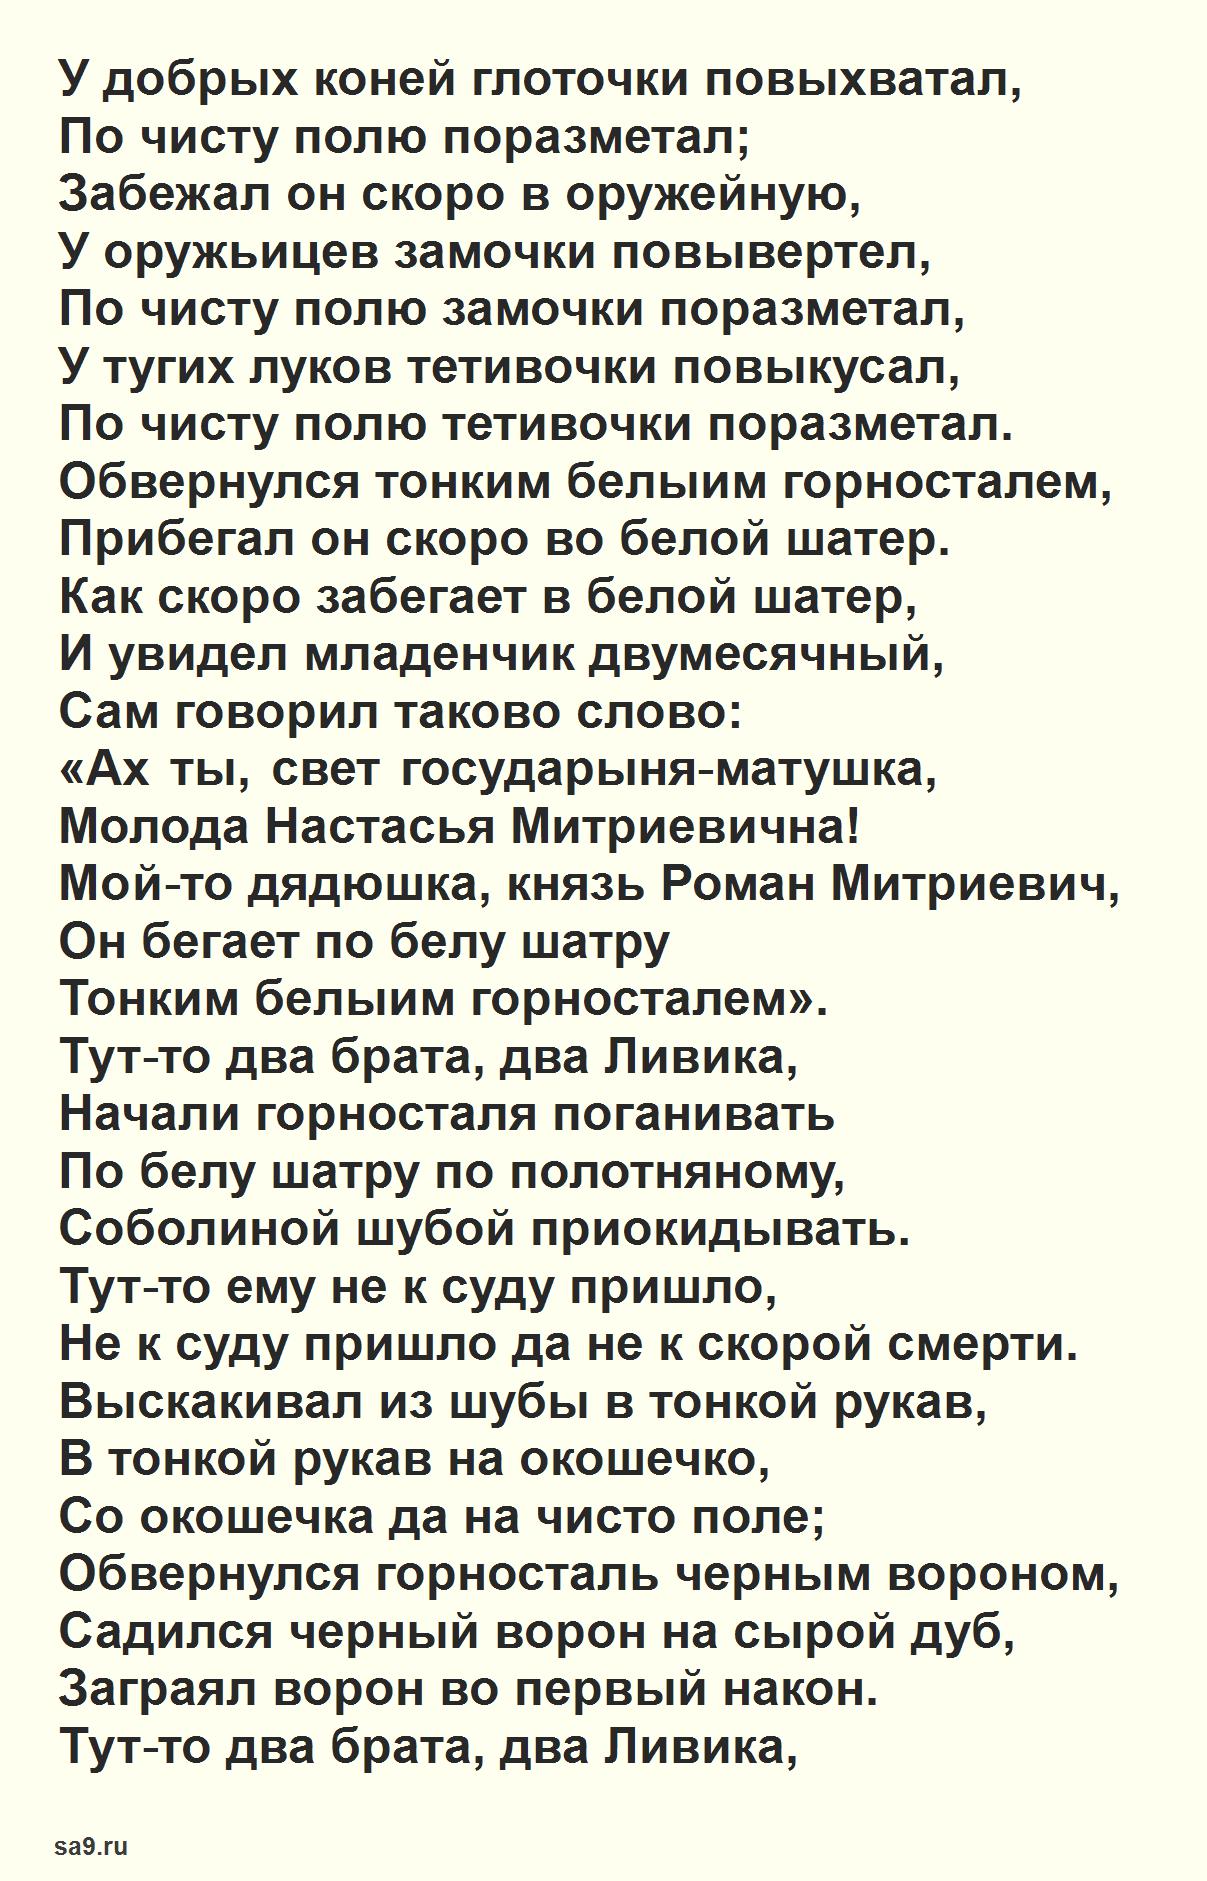 Читаем былину - Князь Роман и братья Ливики, полностью